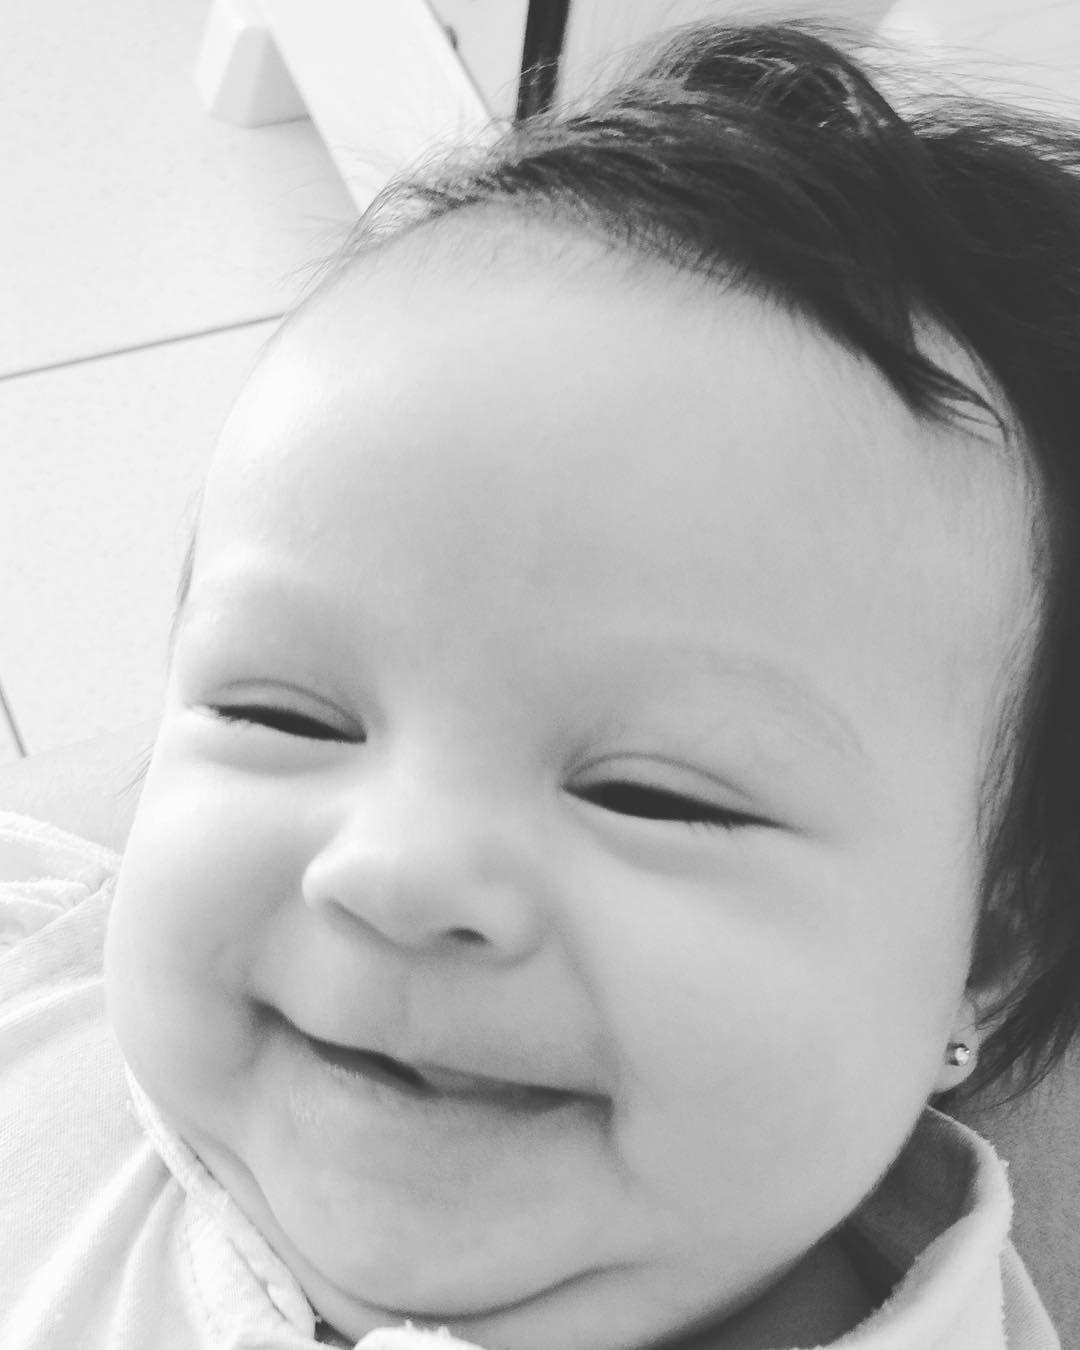 S O R R I S O  B A N G U E L A  Um ótimo domingo pra todos que estão se derretendo com esse sorriso mais lindo e gostoso do Brasil  Minha IsaMora tá crescendo! . . #titiacoruja #isadora #sorrisobanguela #gatinhadatia